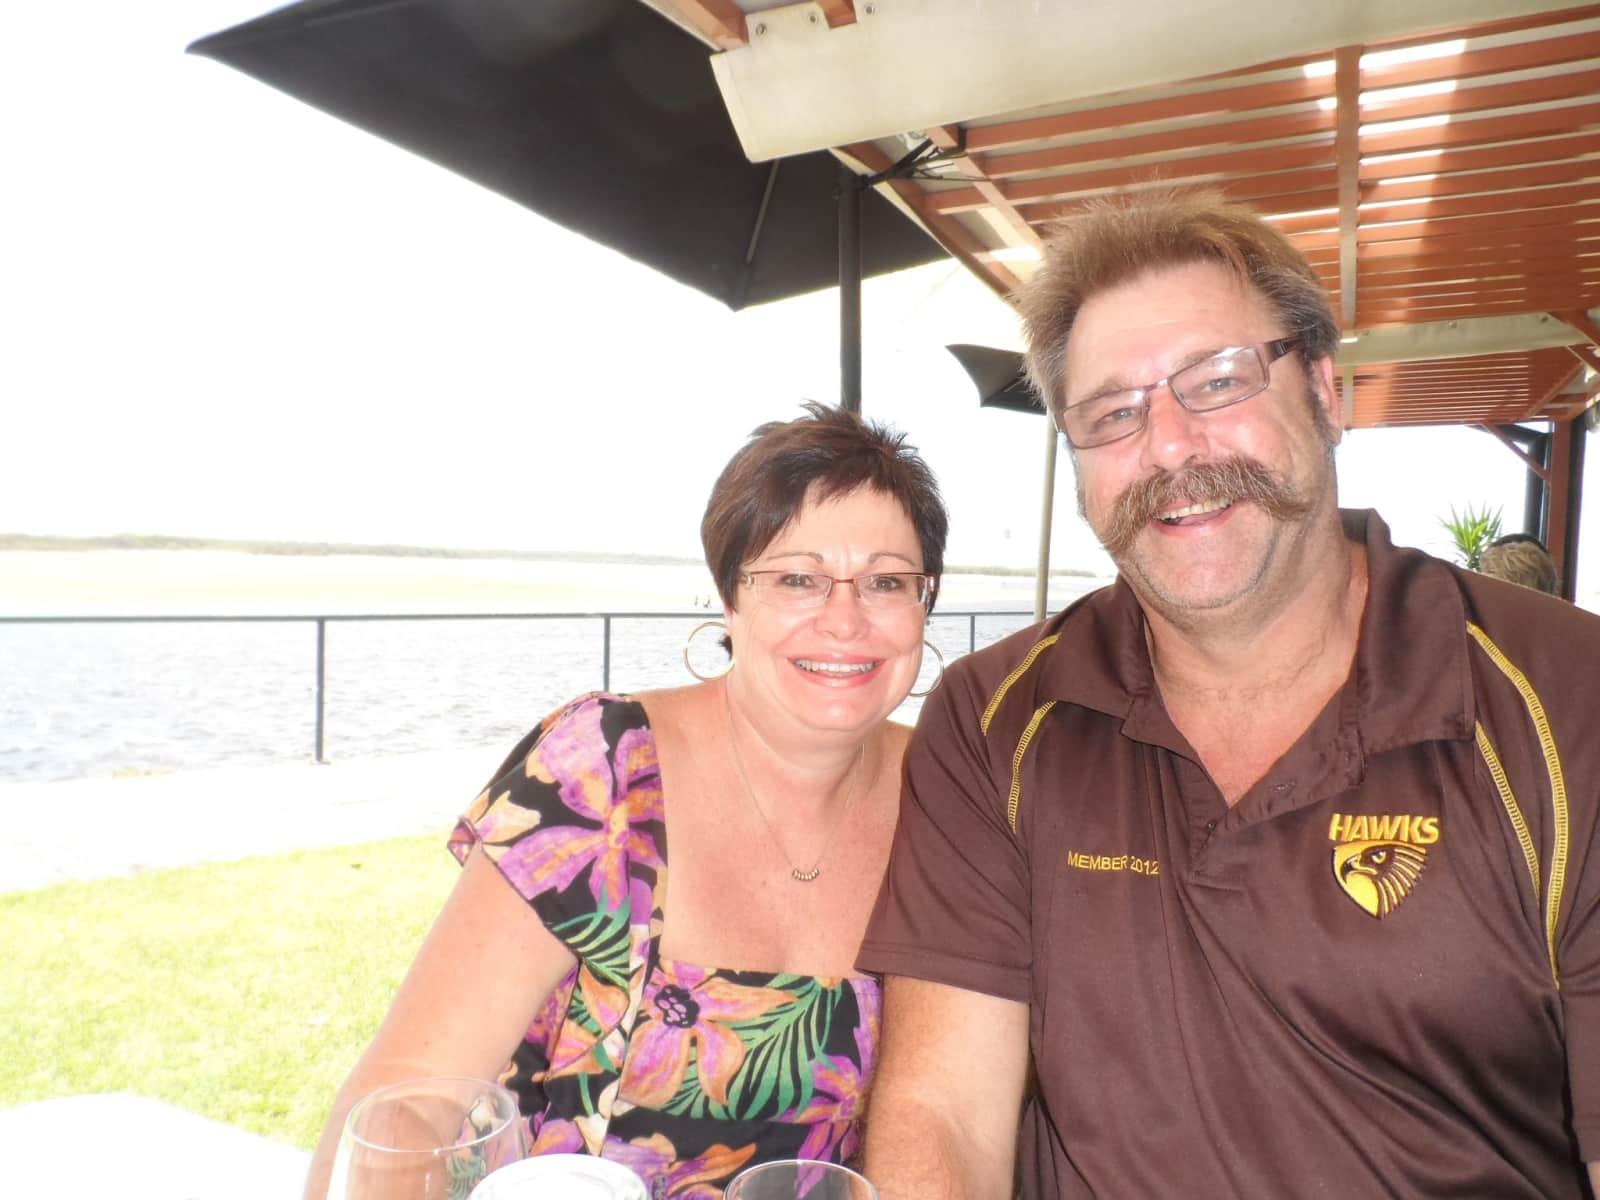 Steve & Jeannie from Brisbane, Queensland, Australia